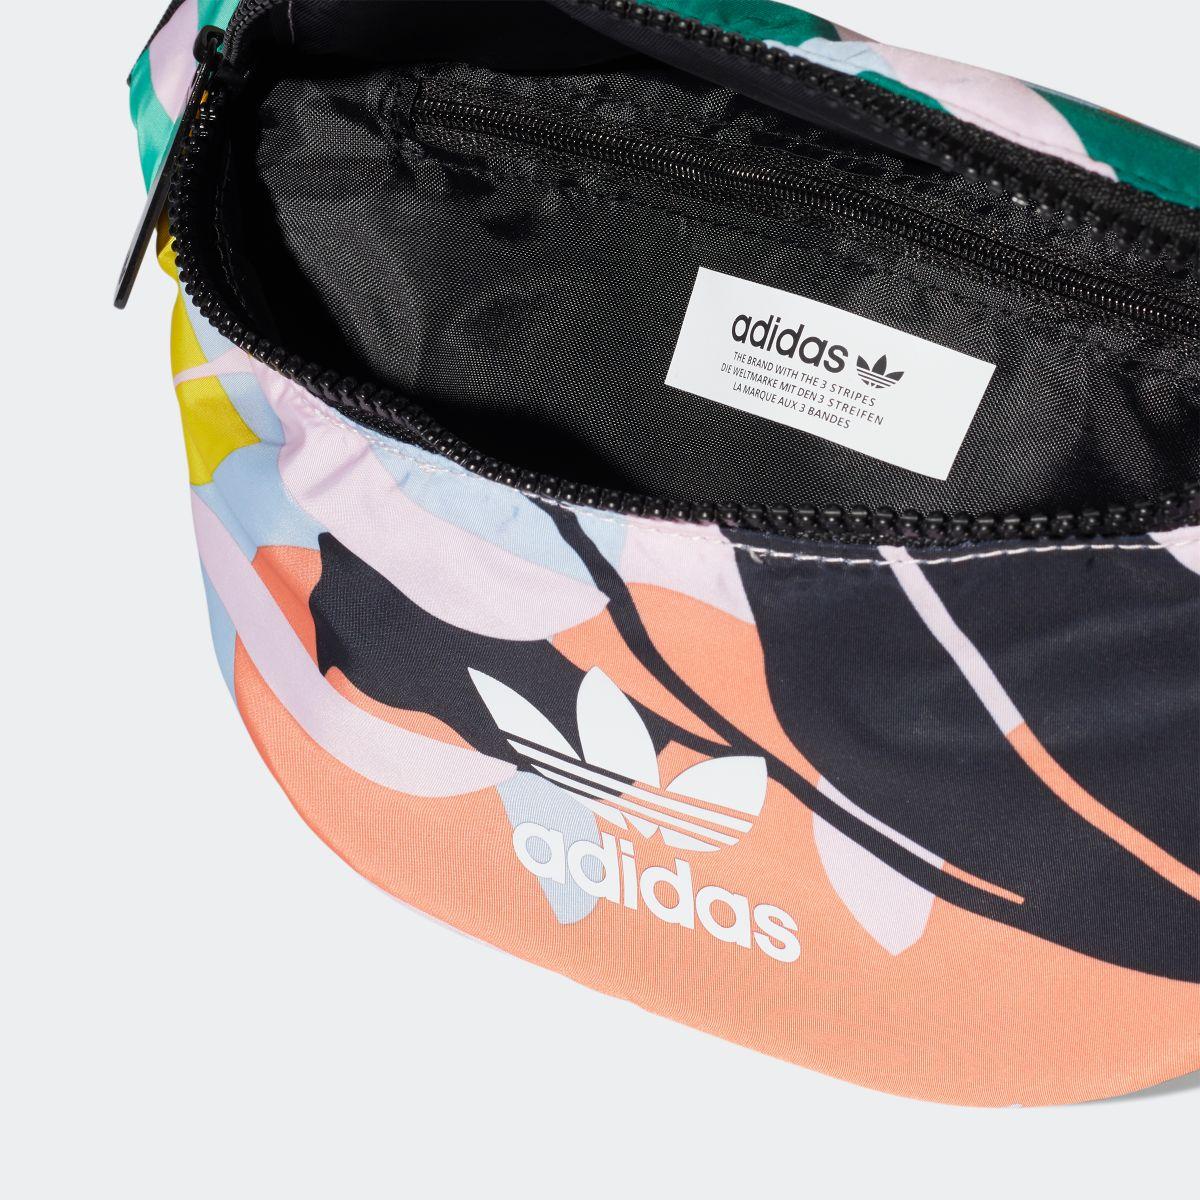 全品! 4/9 17:00~4/15 16:59 【公式】アディダス adidas ウエストバッグ レディース EK4796 ライフスタイル アクセサリー バッグ